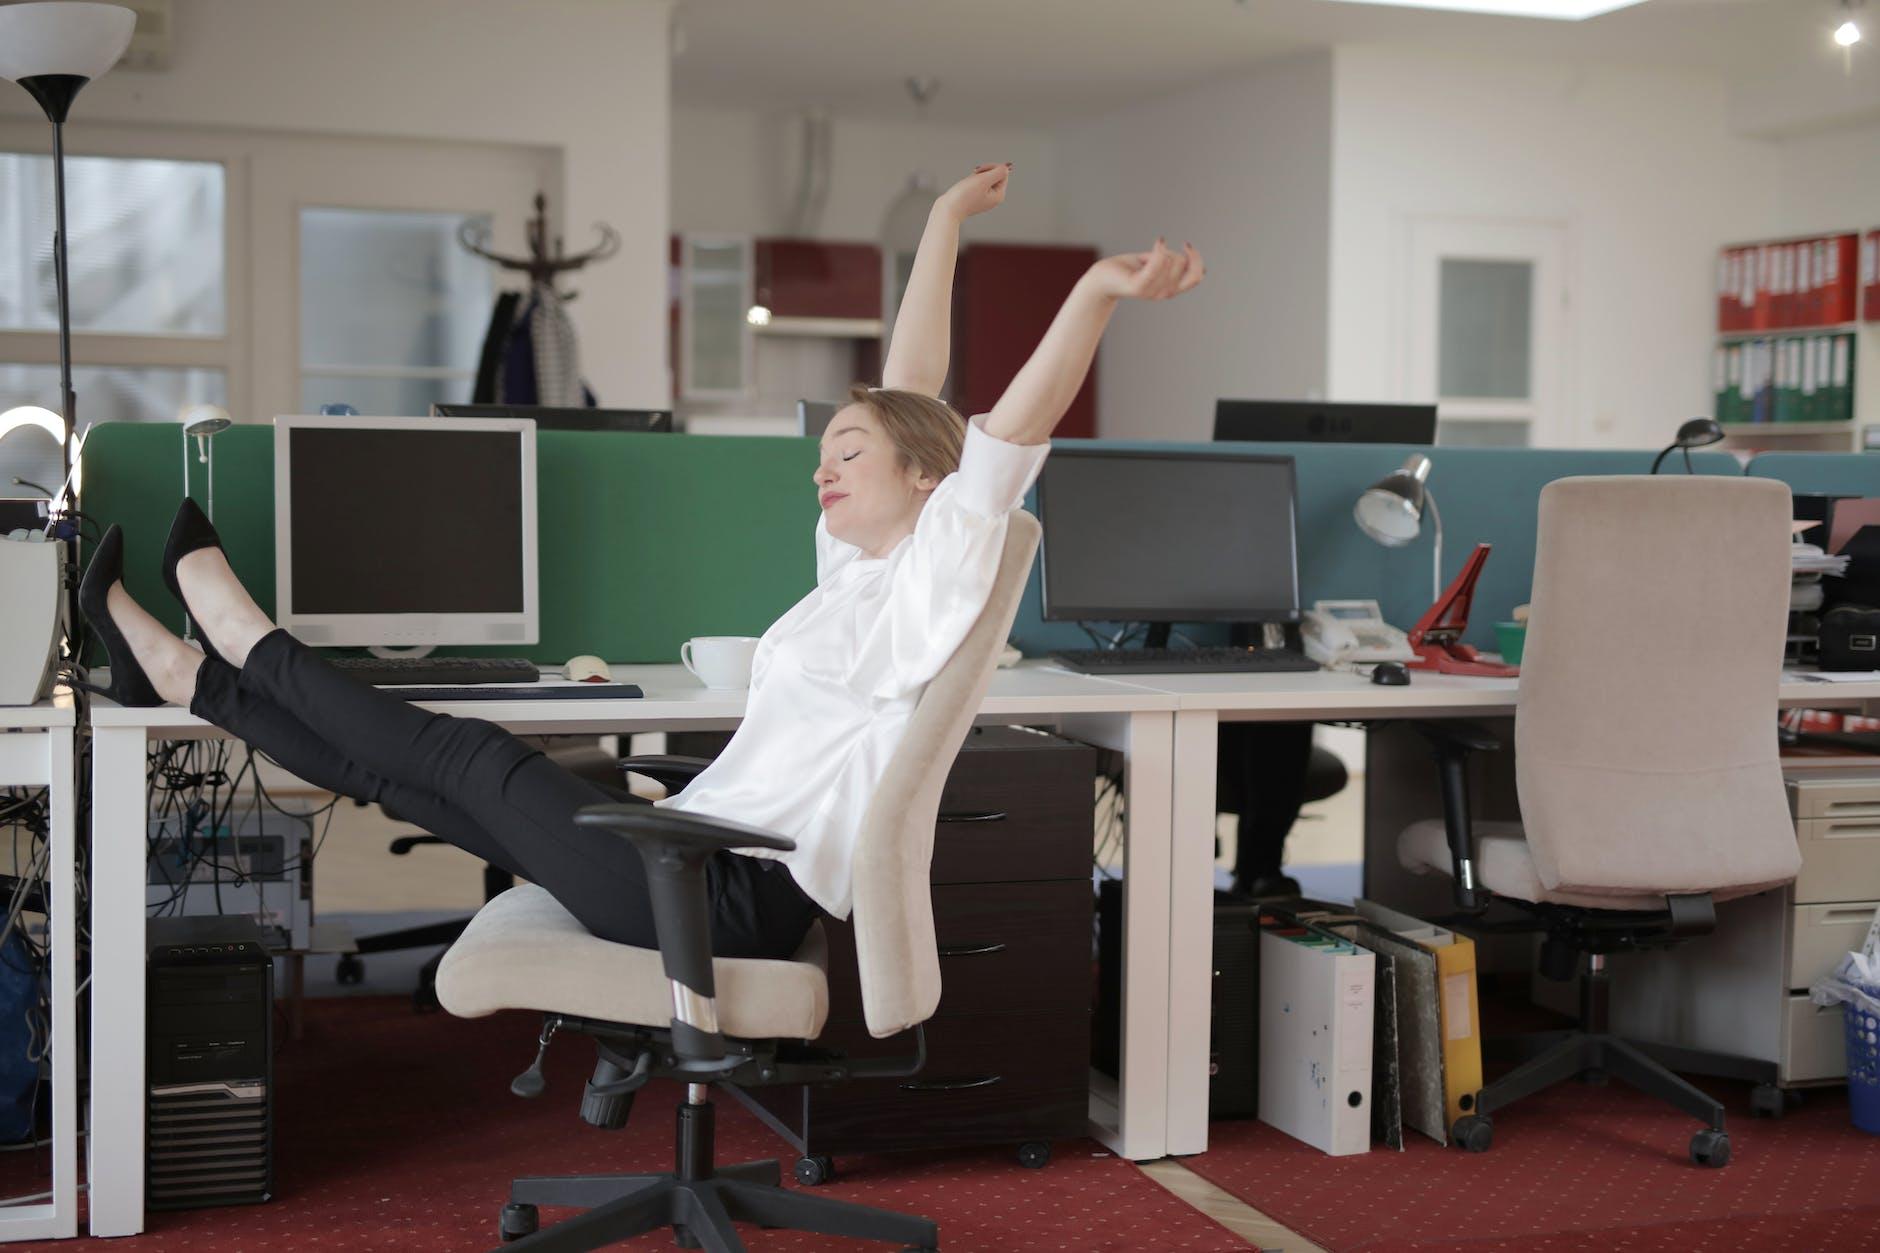 Anikó tanácsa a most felvételiző JavaScript fejlesztőknek: ne izguld túl, csak bízz magadban!